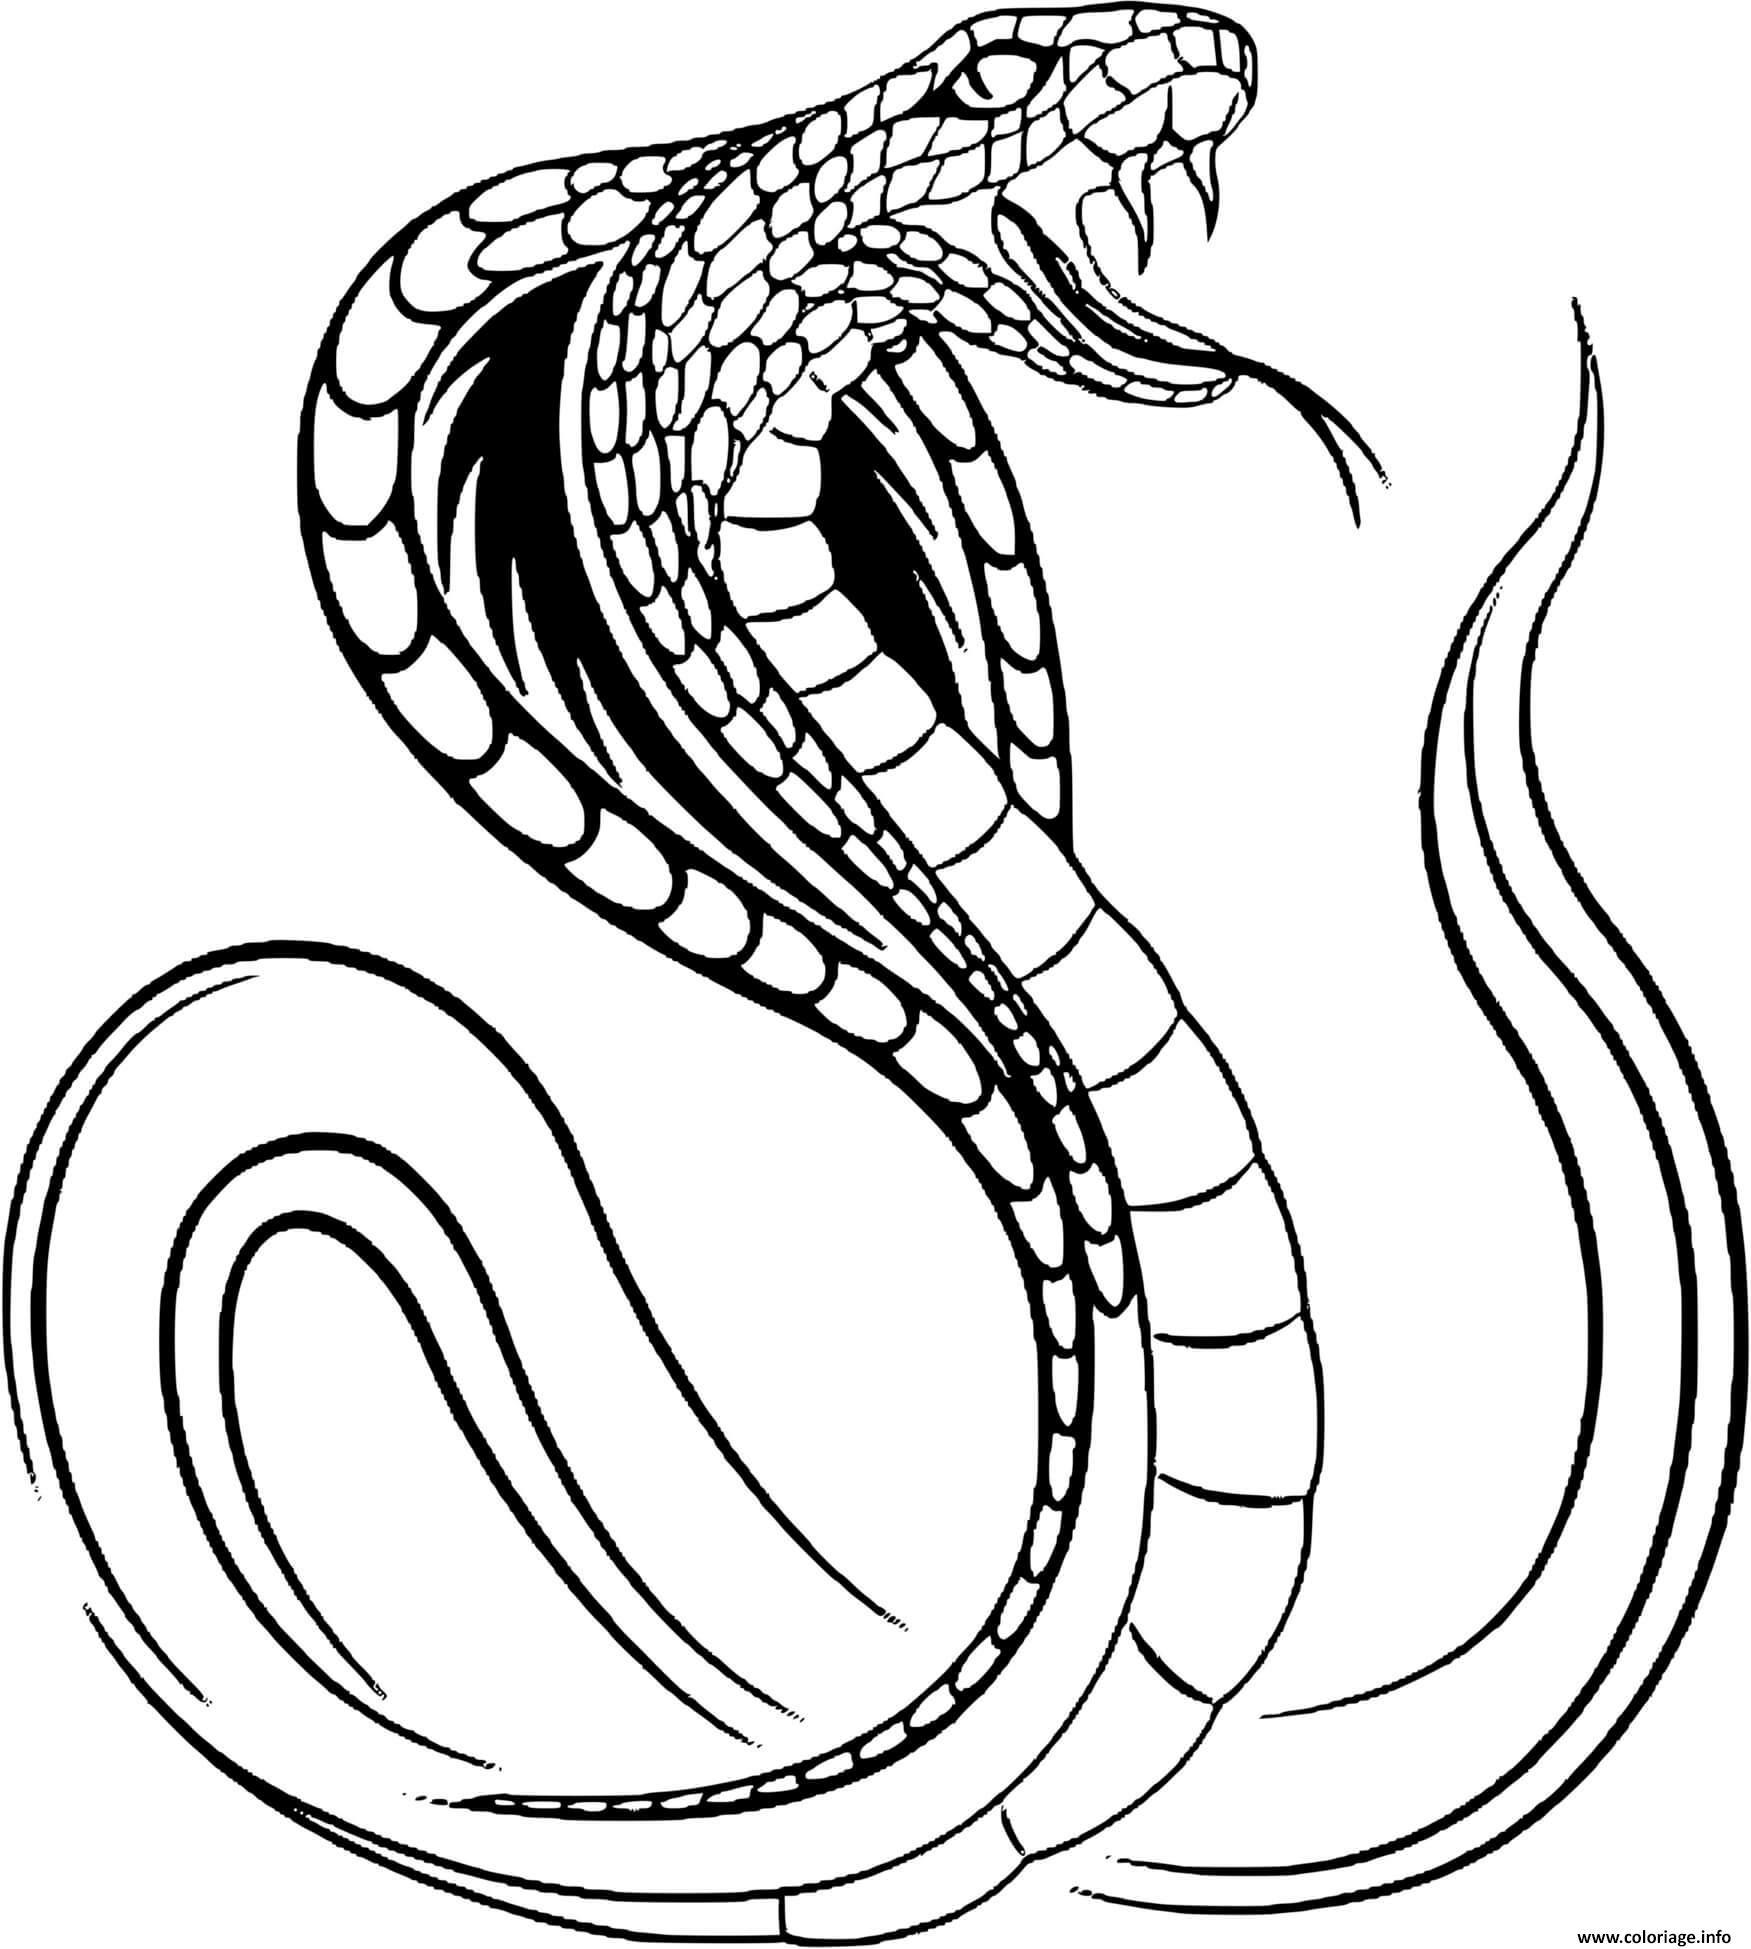 Dessin serpent cobra Coloriage Gratuit à Imprimer